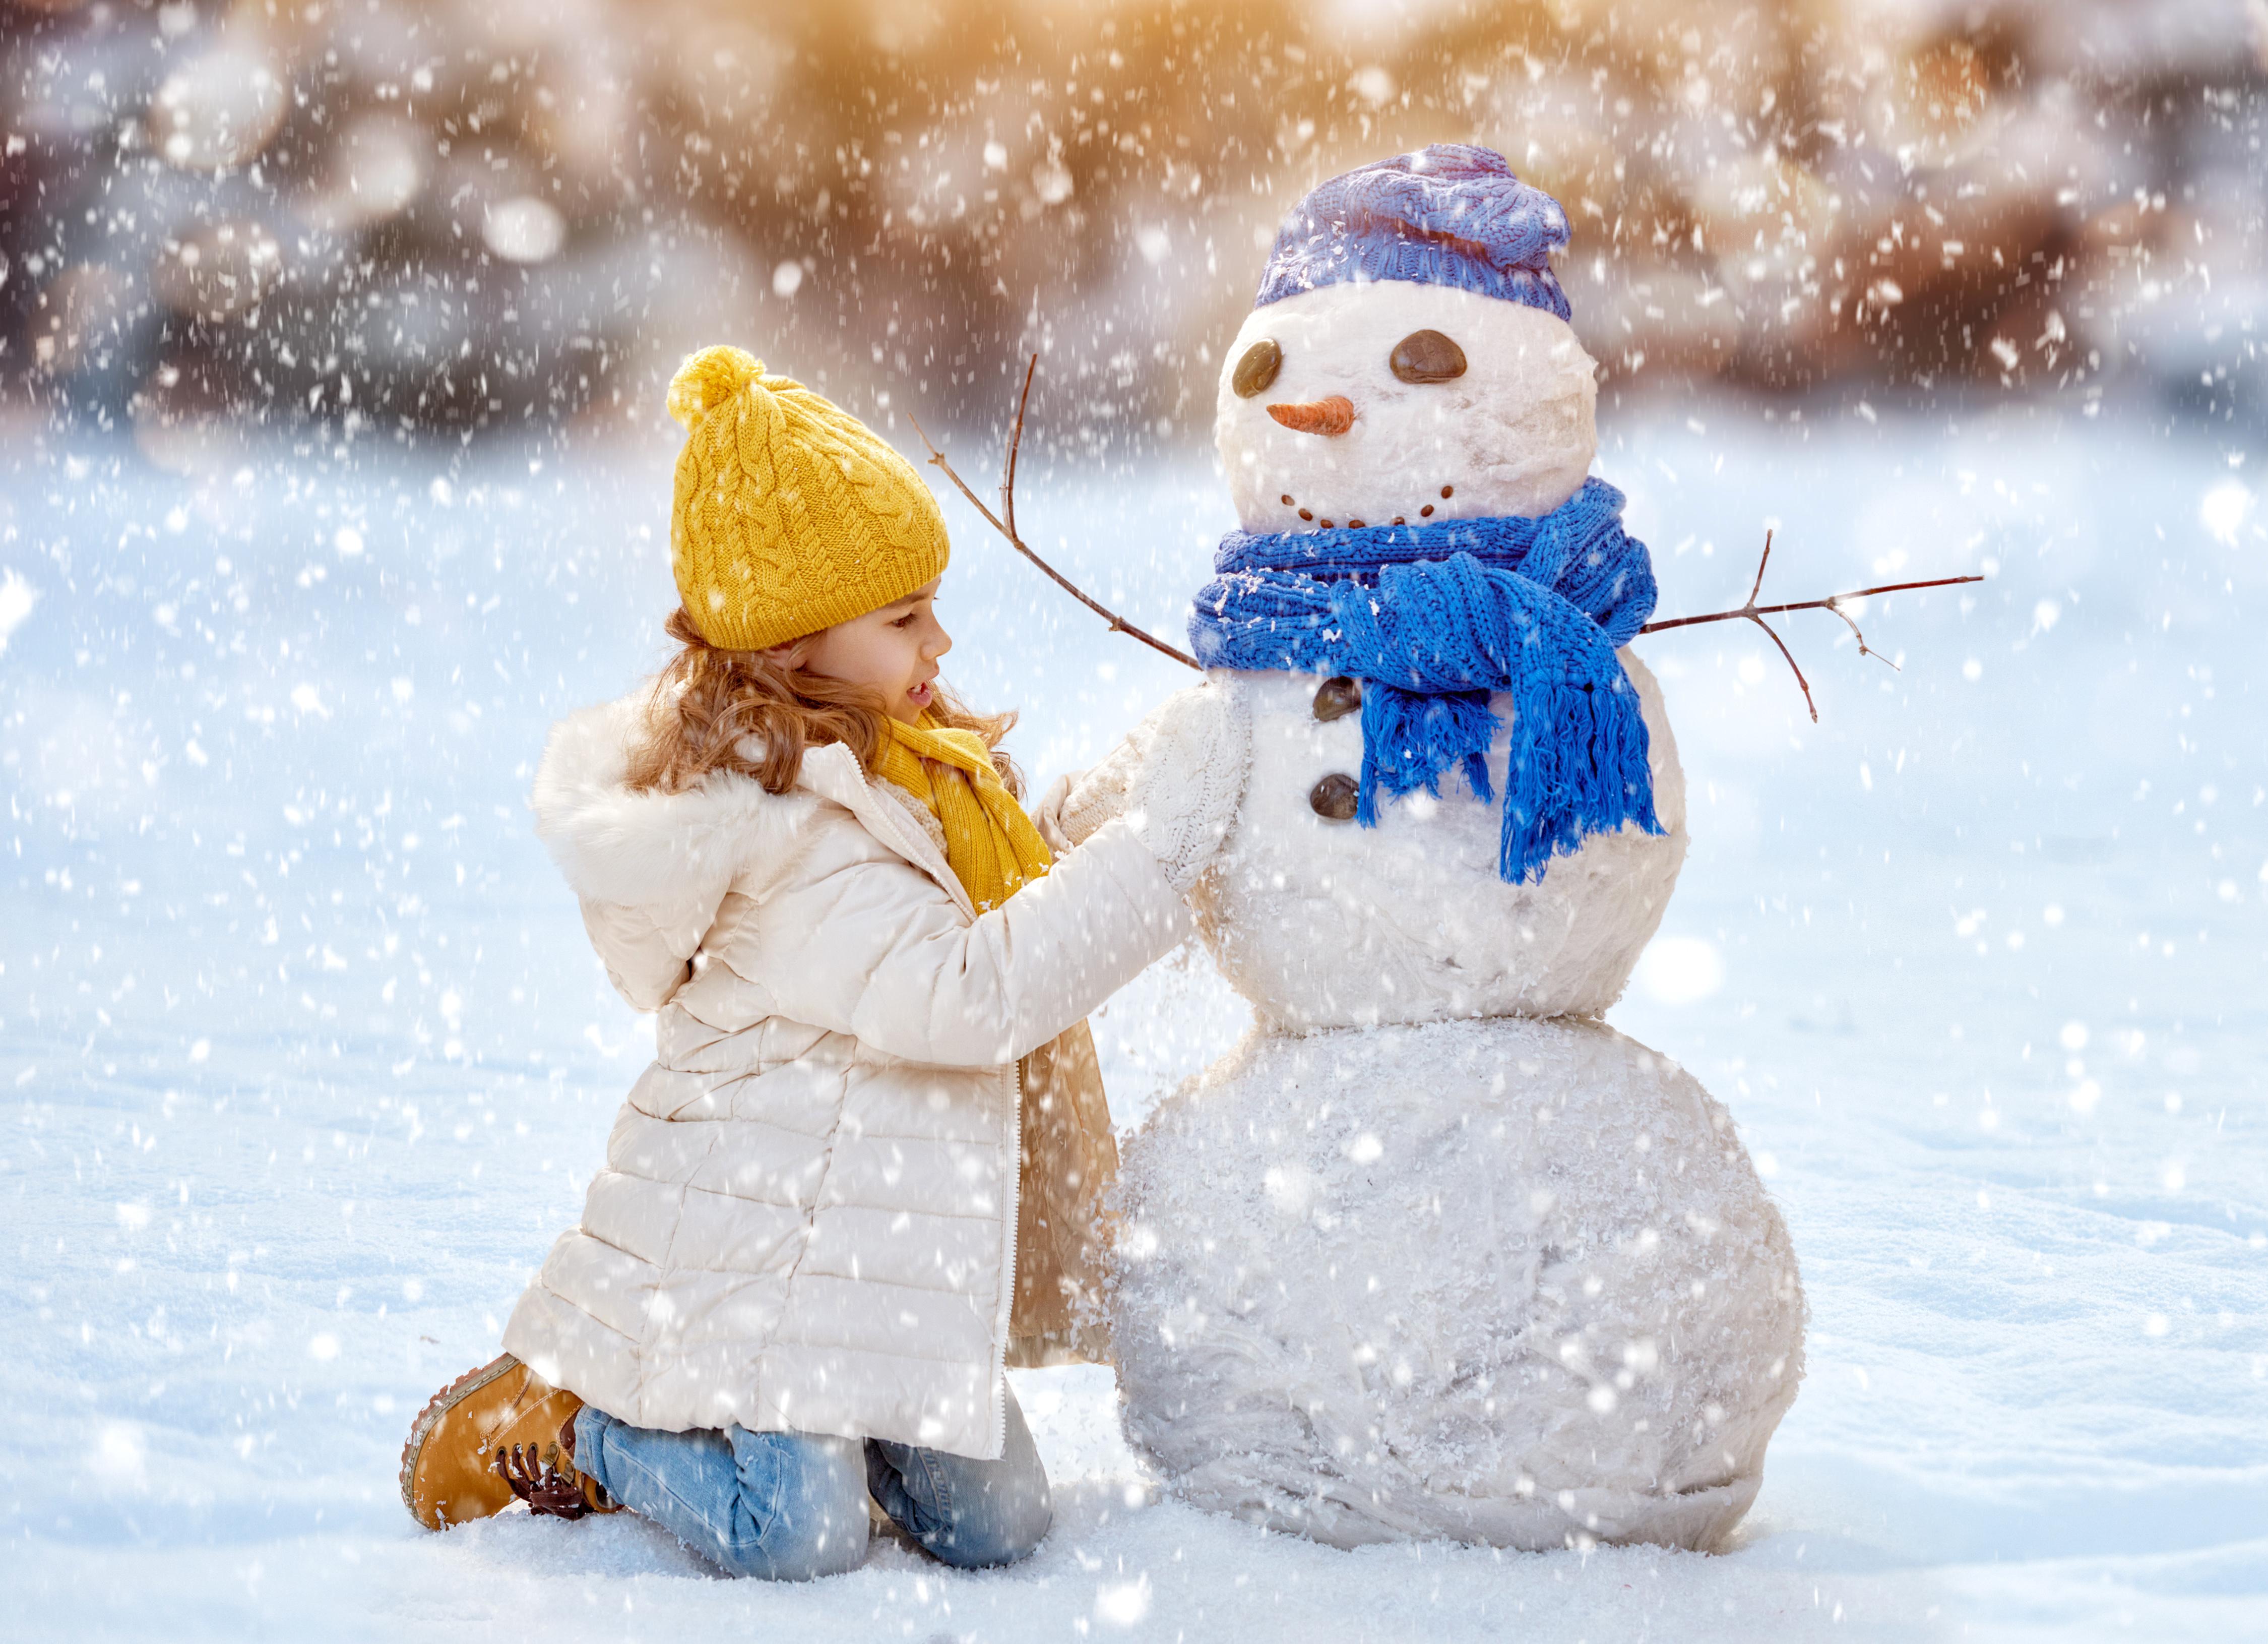 Позитивные картинки про зиму обратился